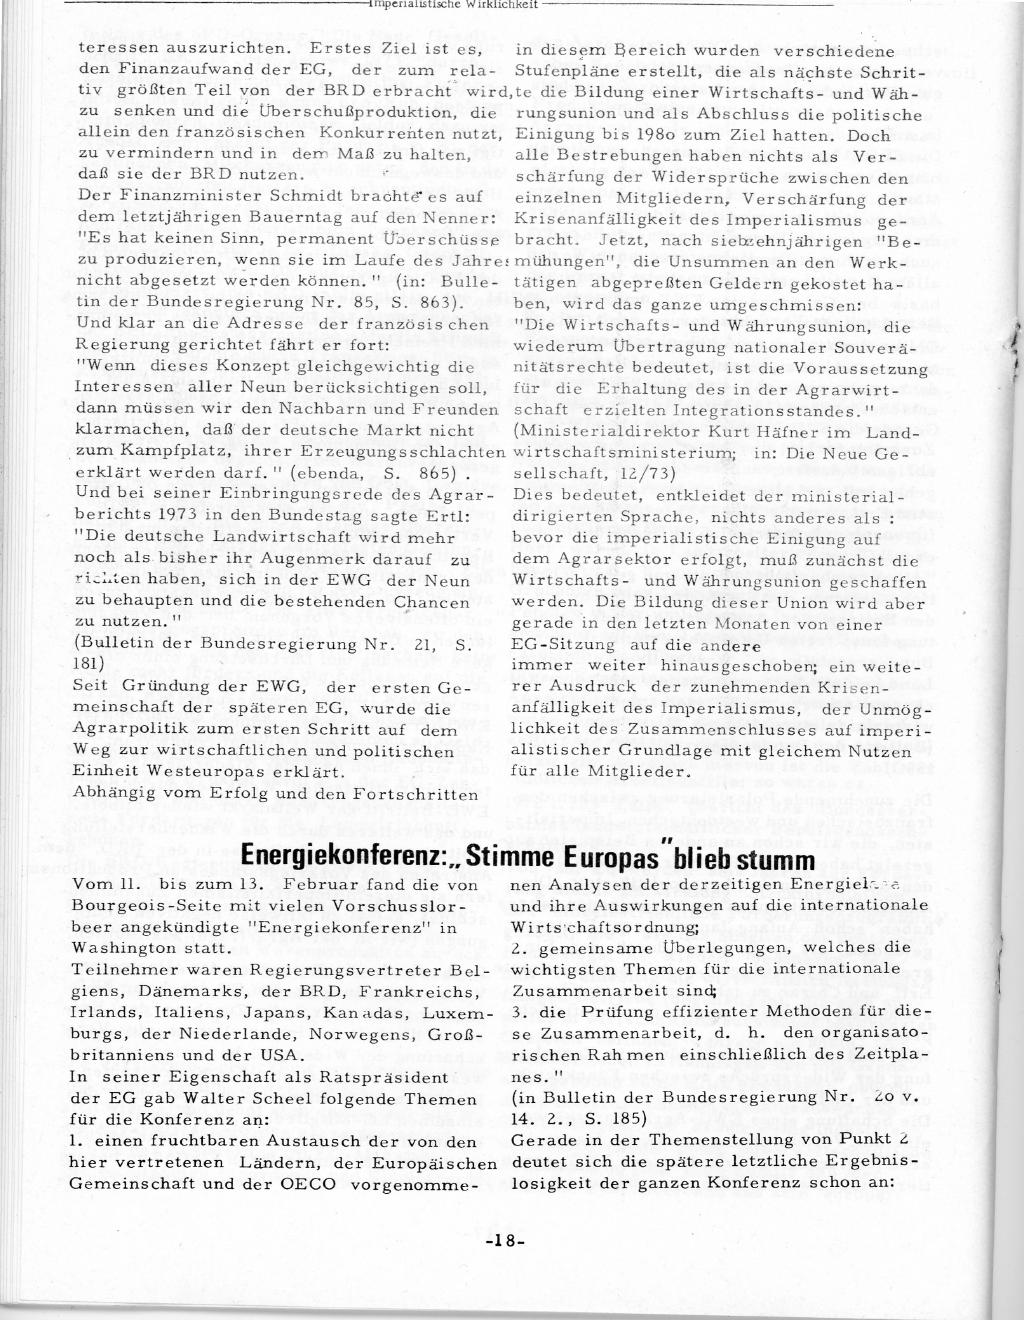 RPK_1974_07_08_18